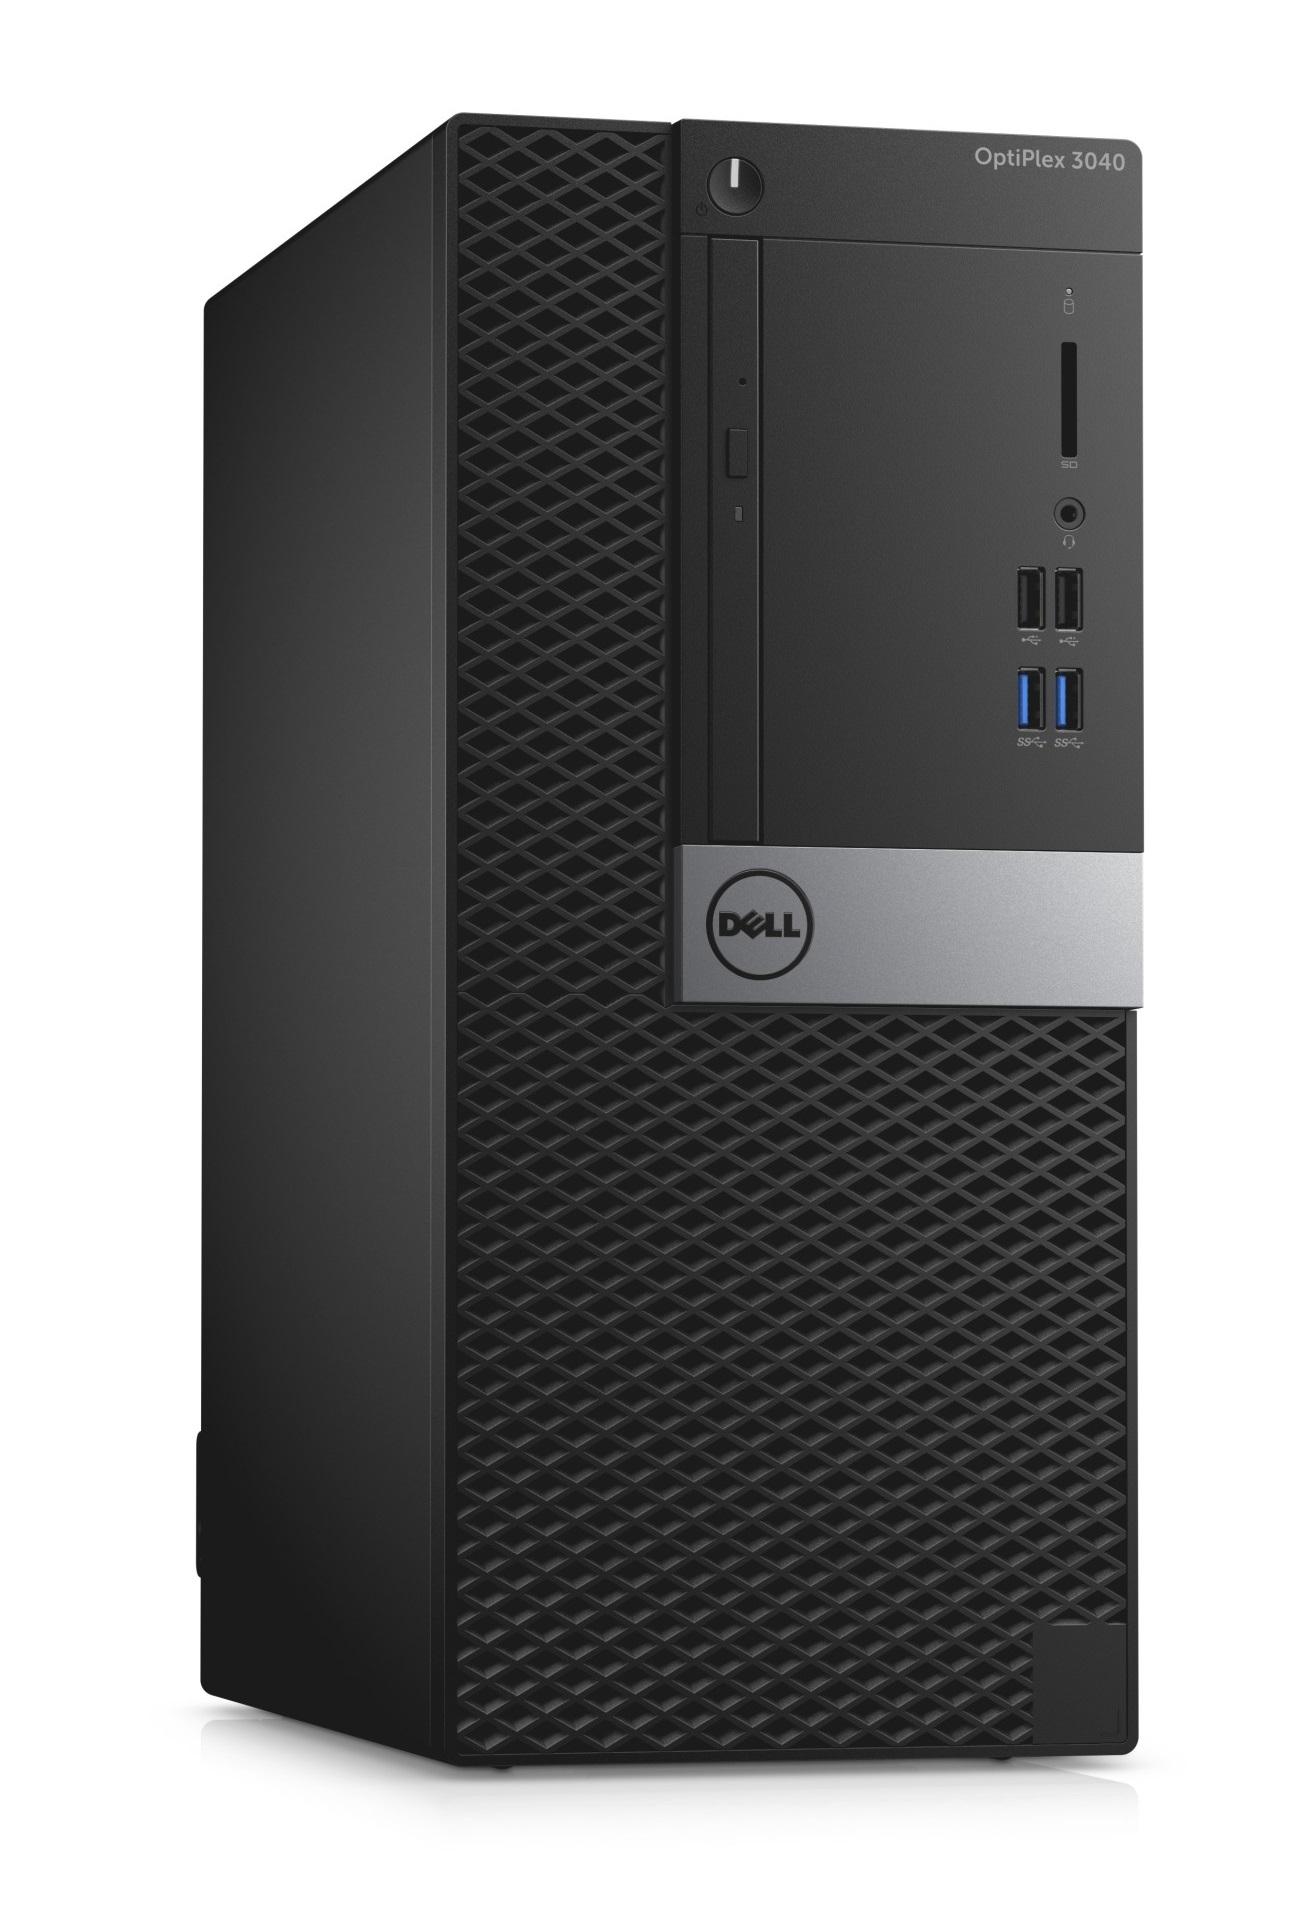 DELL OptiPlex MT 3040 Core i5-6500/8GB/1TB/Intel HD/Win7 PRO - Win 10 64bit/3Yr NBD